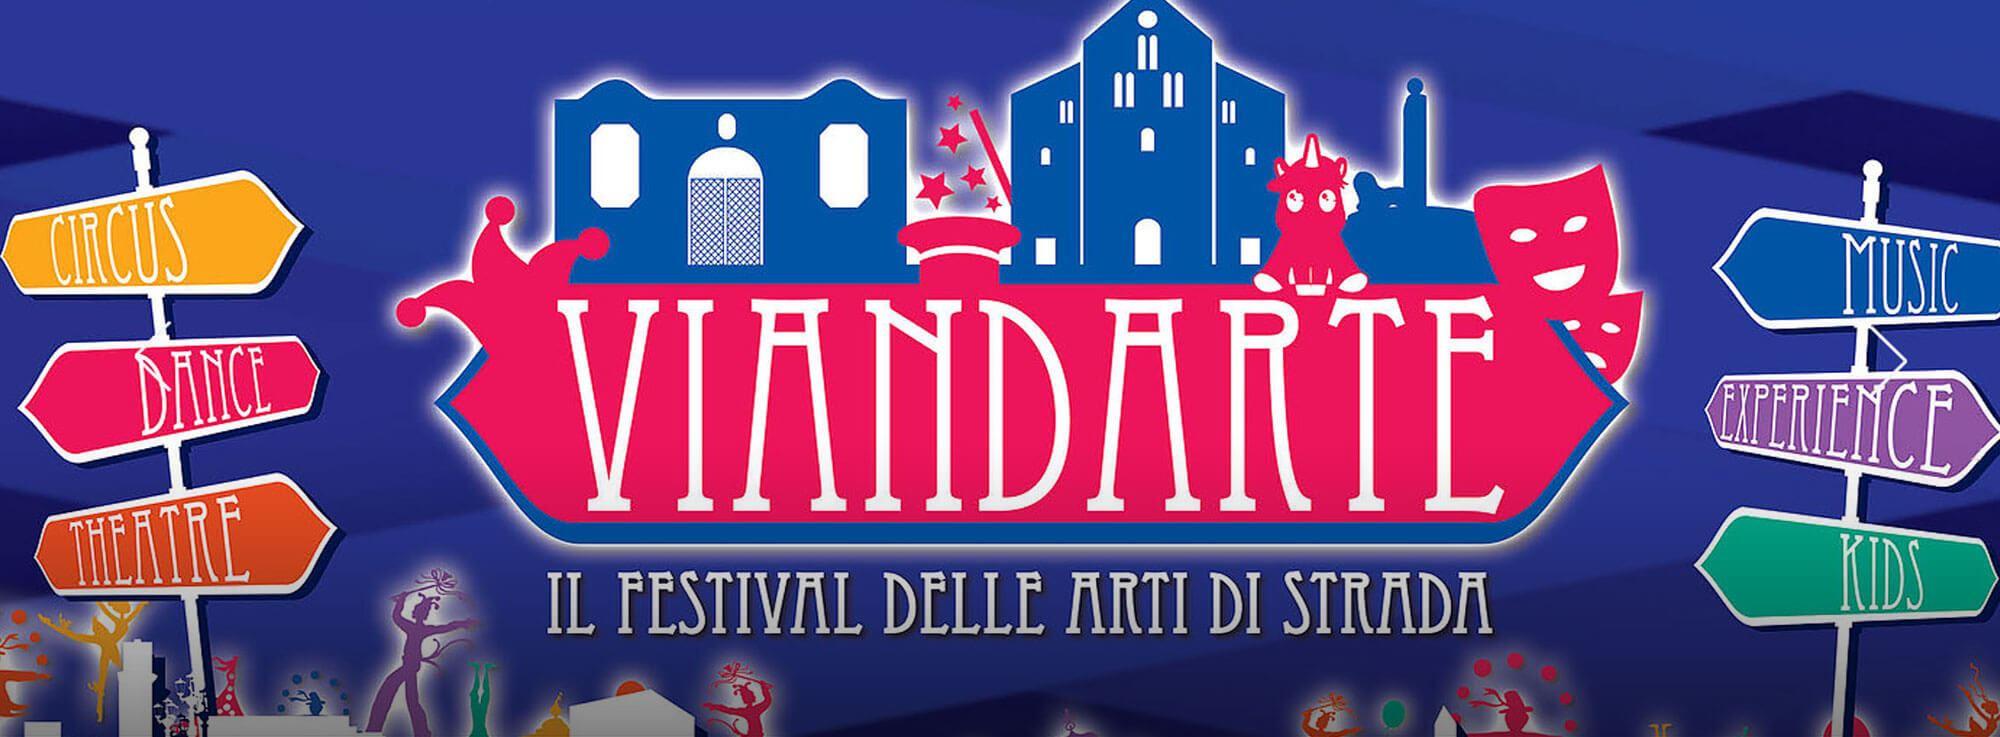 Bari Vecchia: ViandARTE Festival delle arti di strada 2017